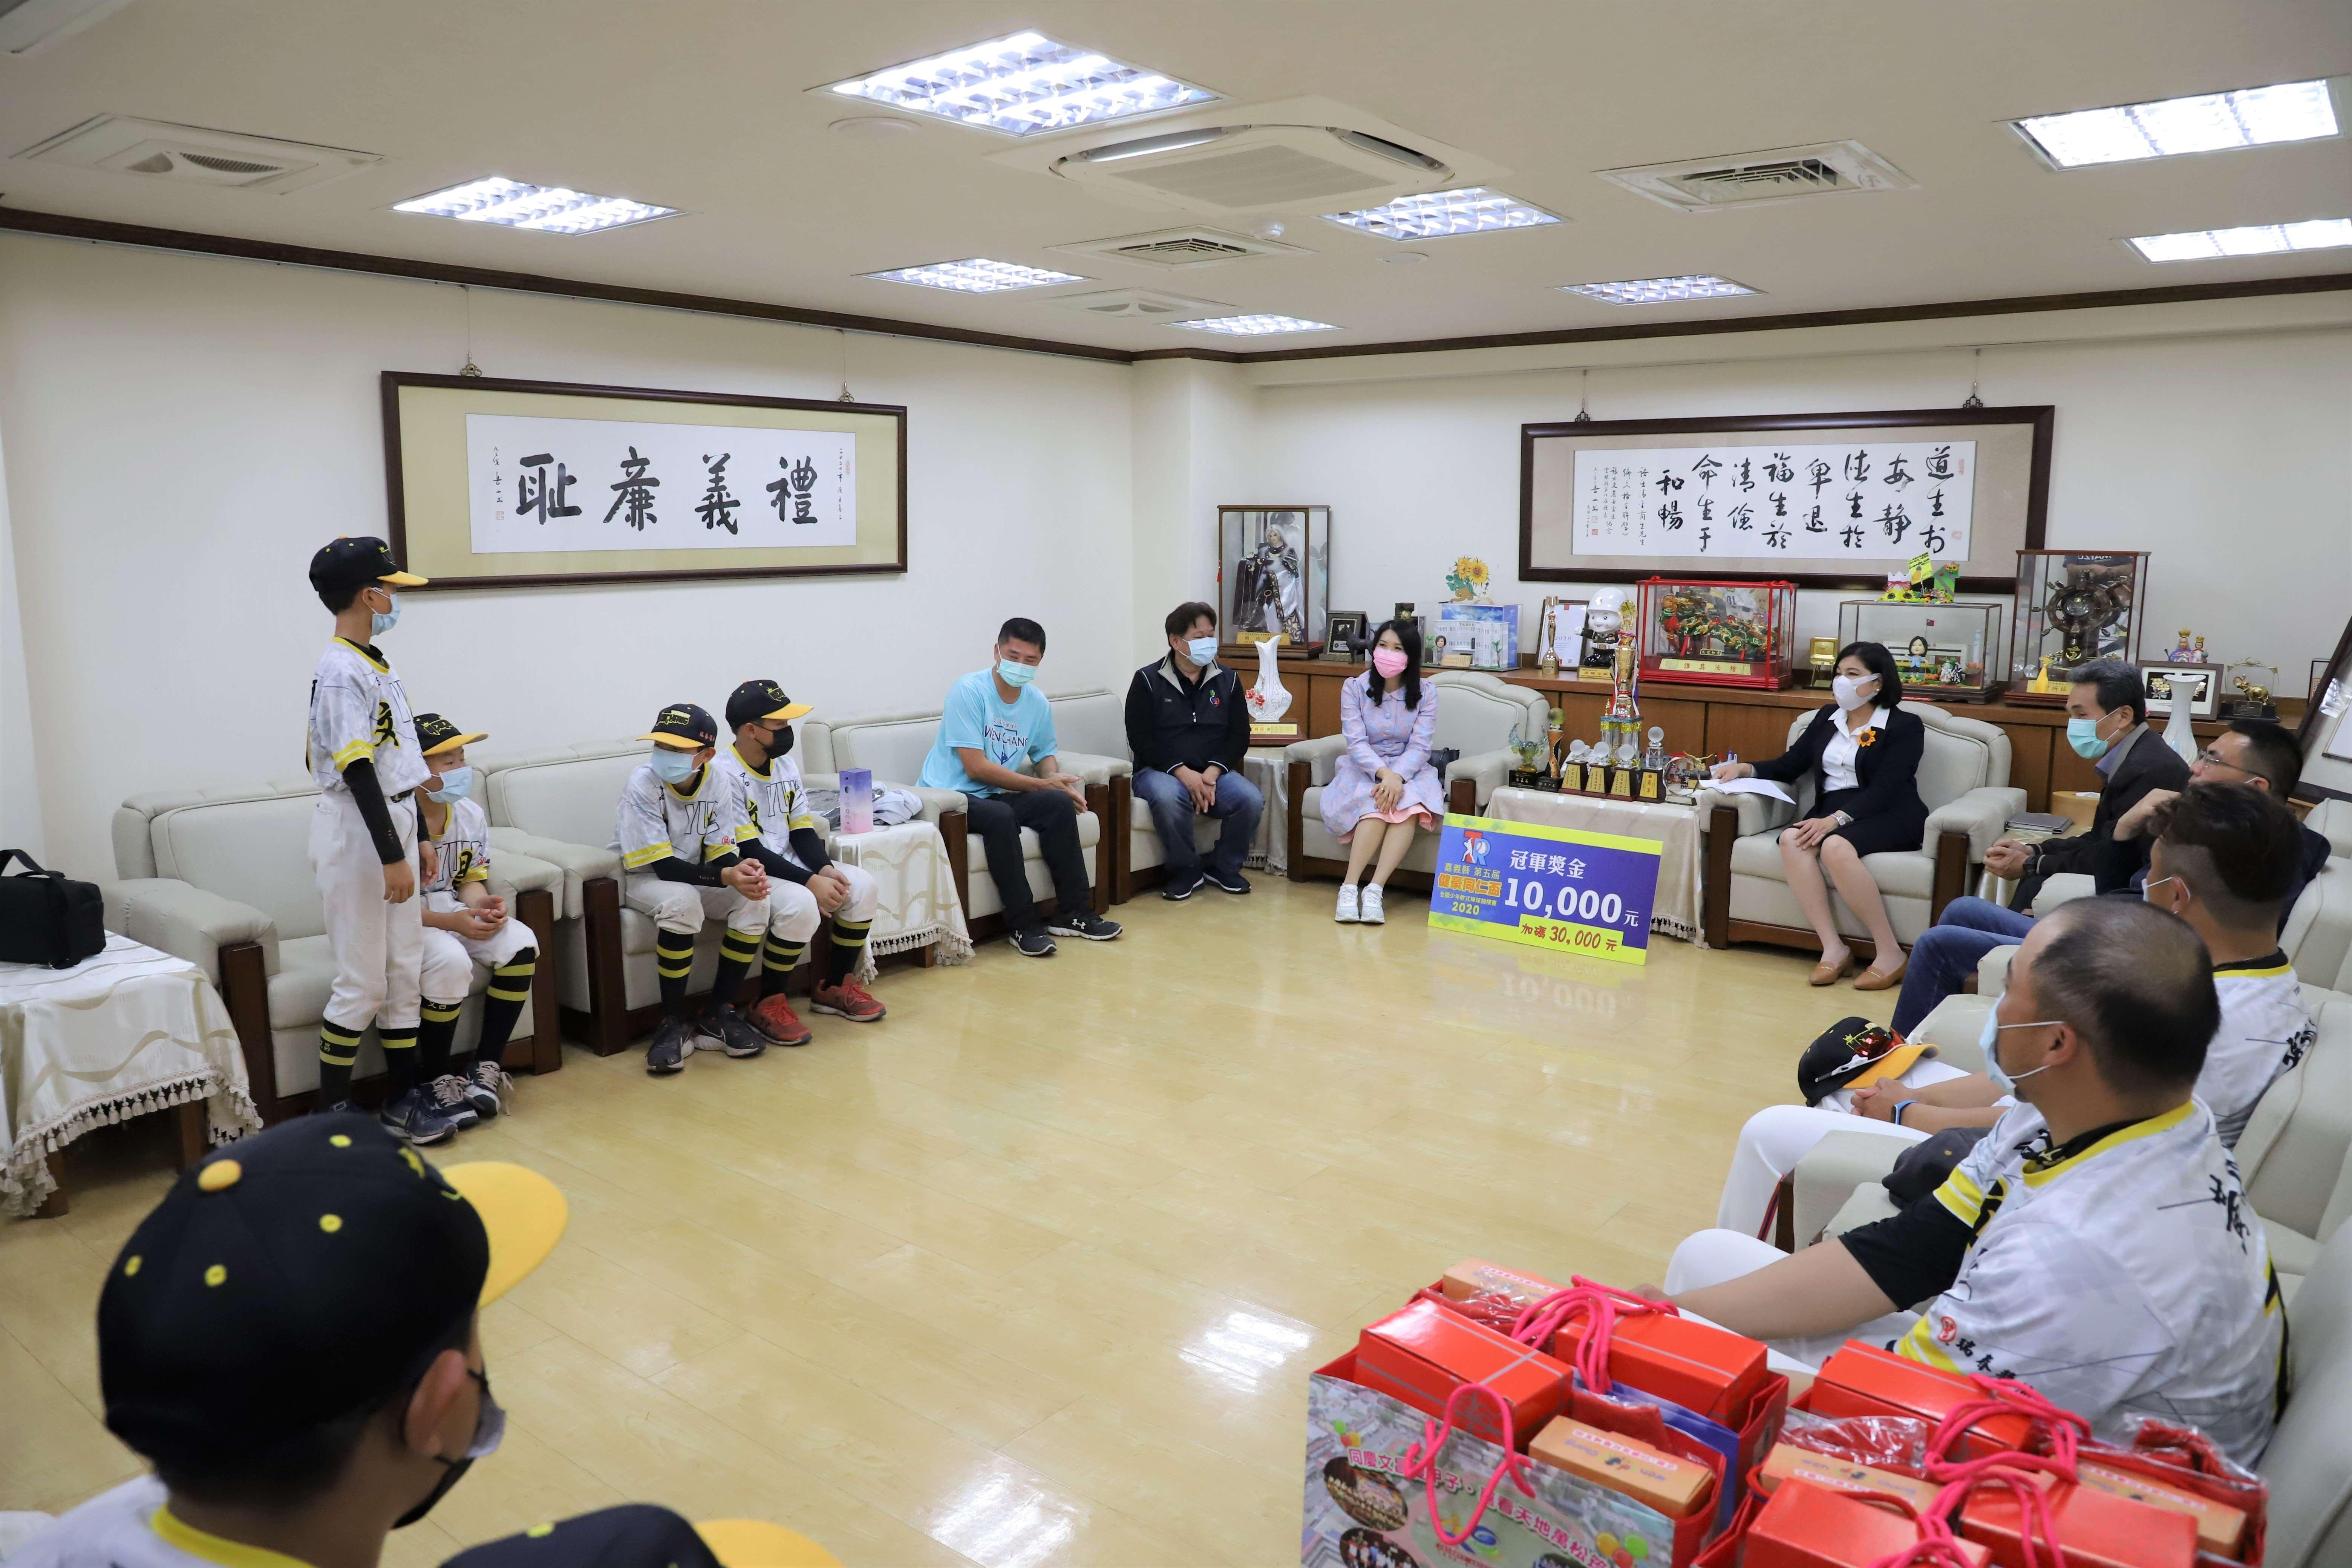 張縣長勉勵文昌國小選手們繼續努力,為雲林爭取榮譽。.JPG